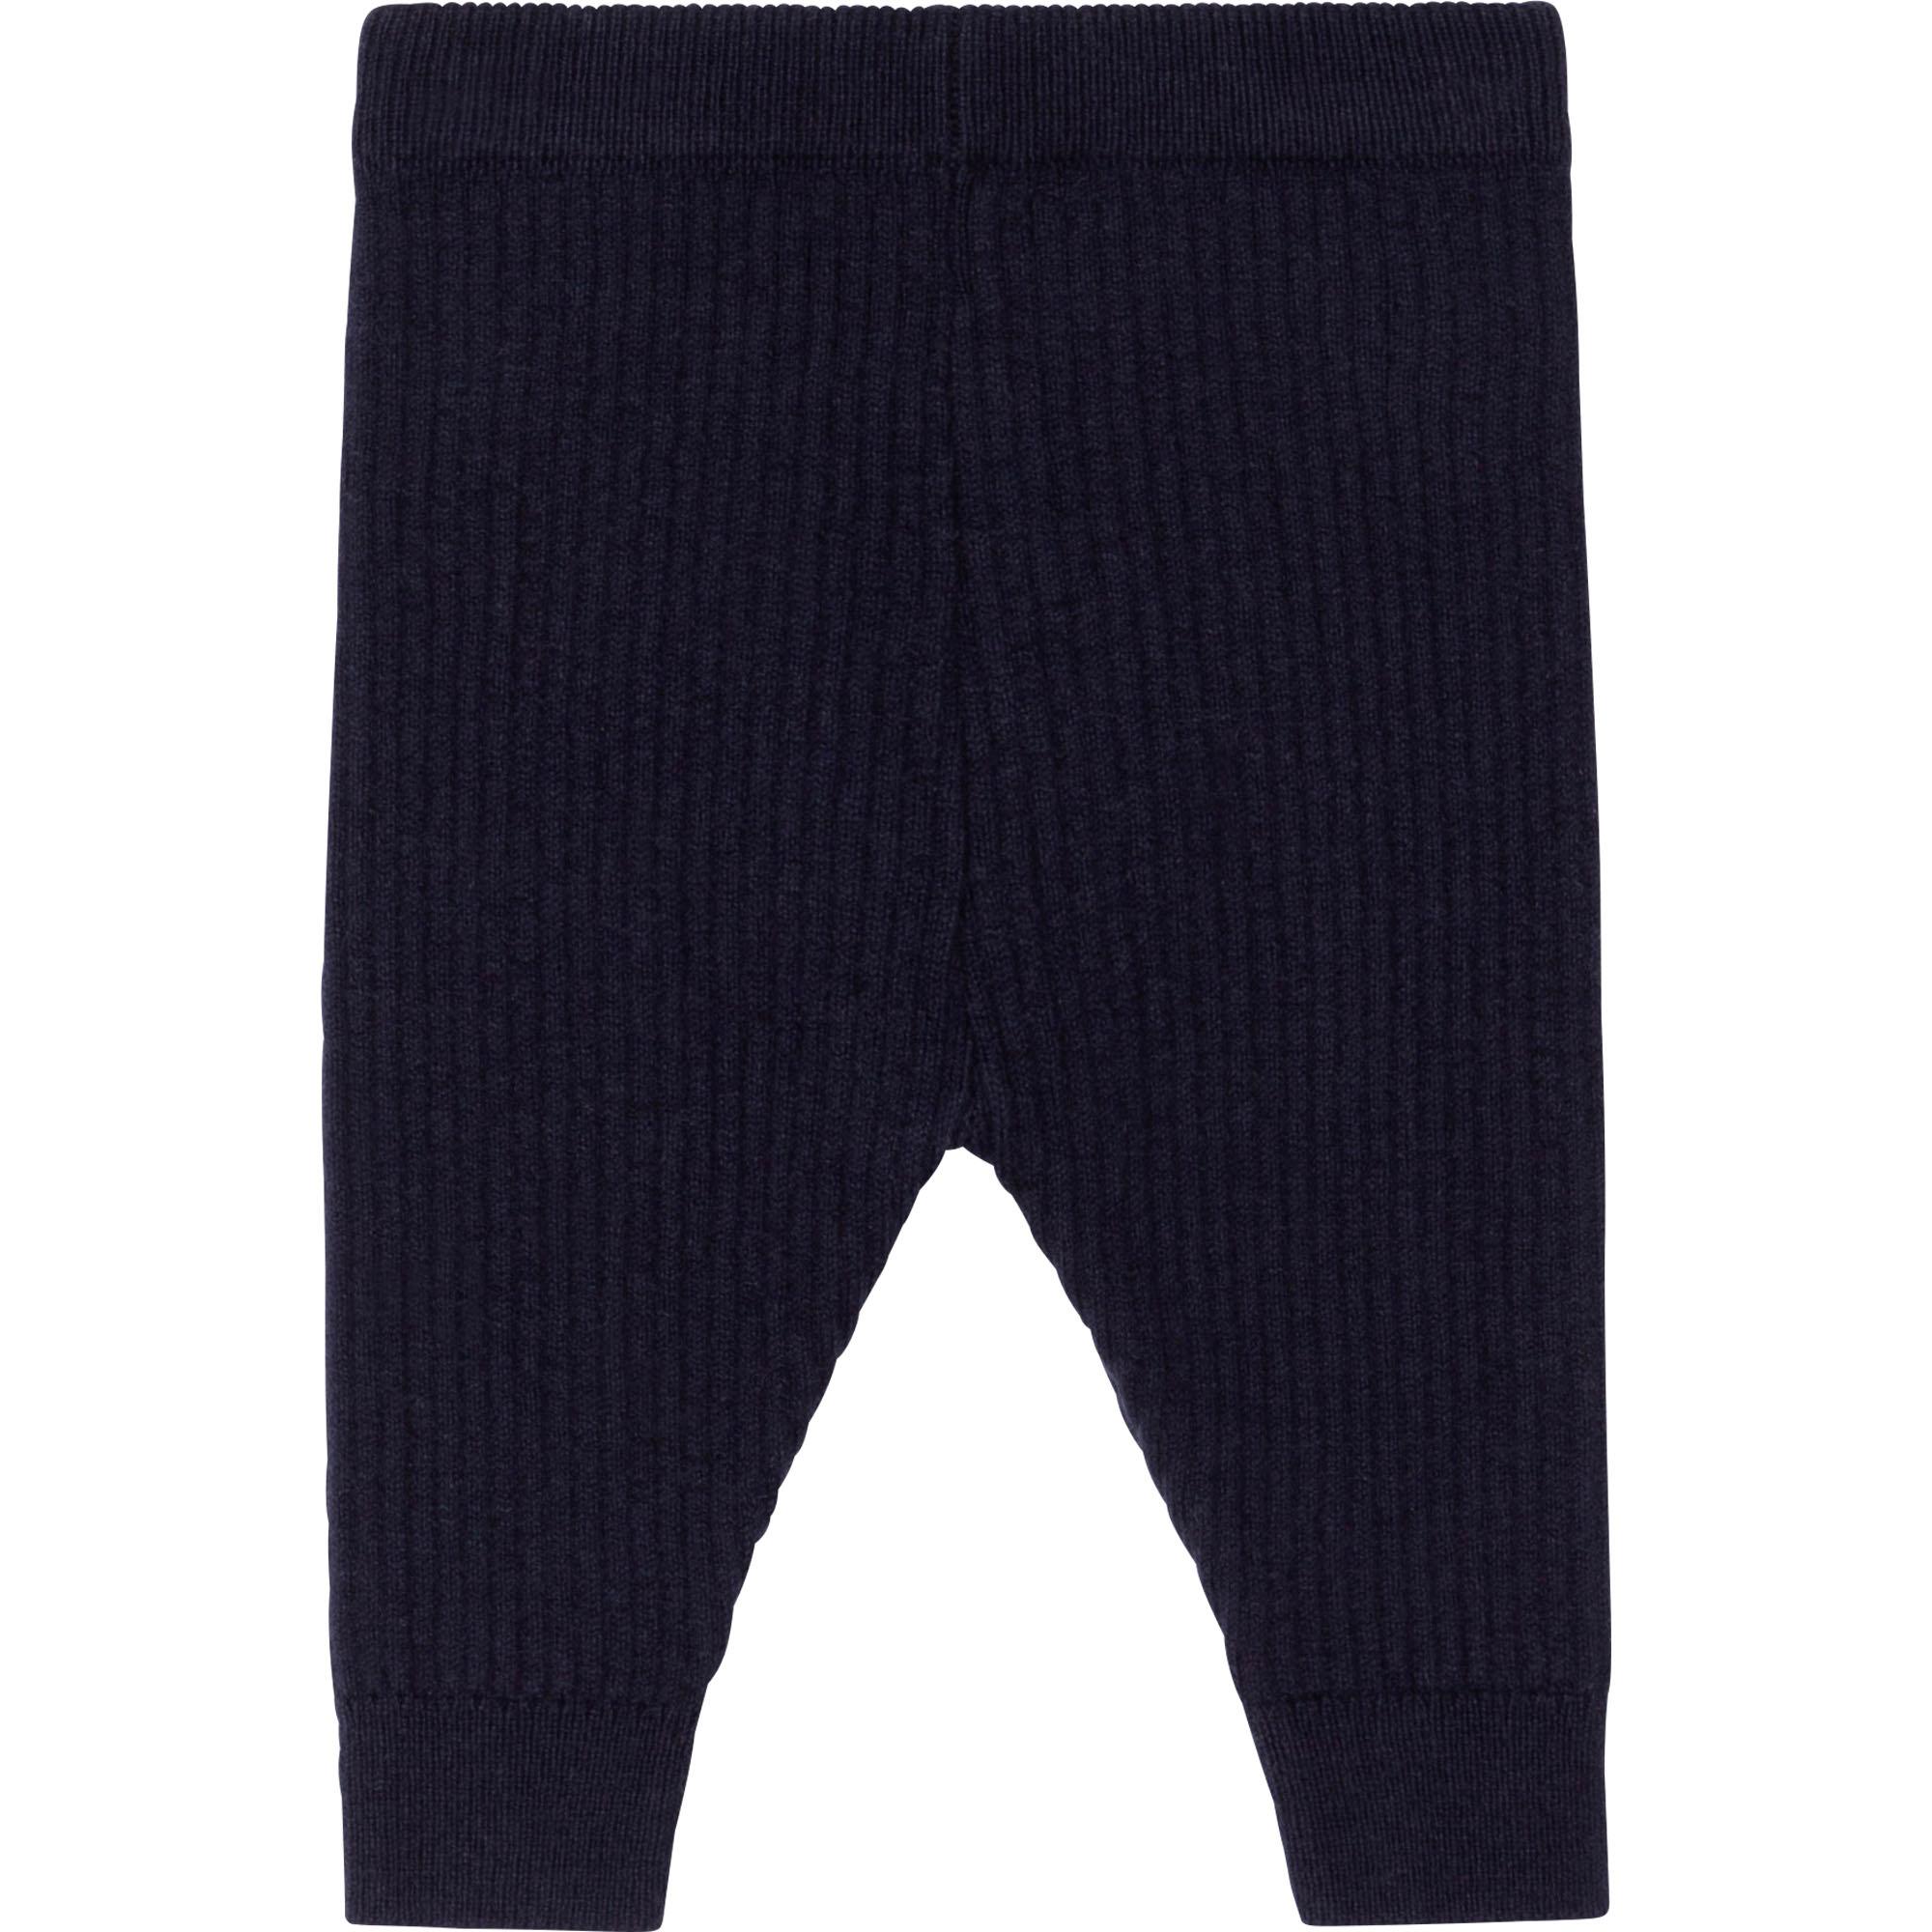 Legging en tricot CARREMENT BEAU for BOY